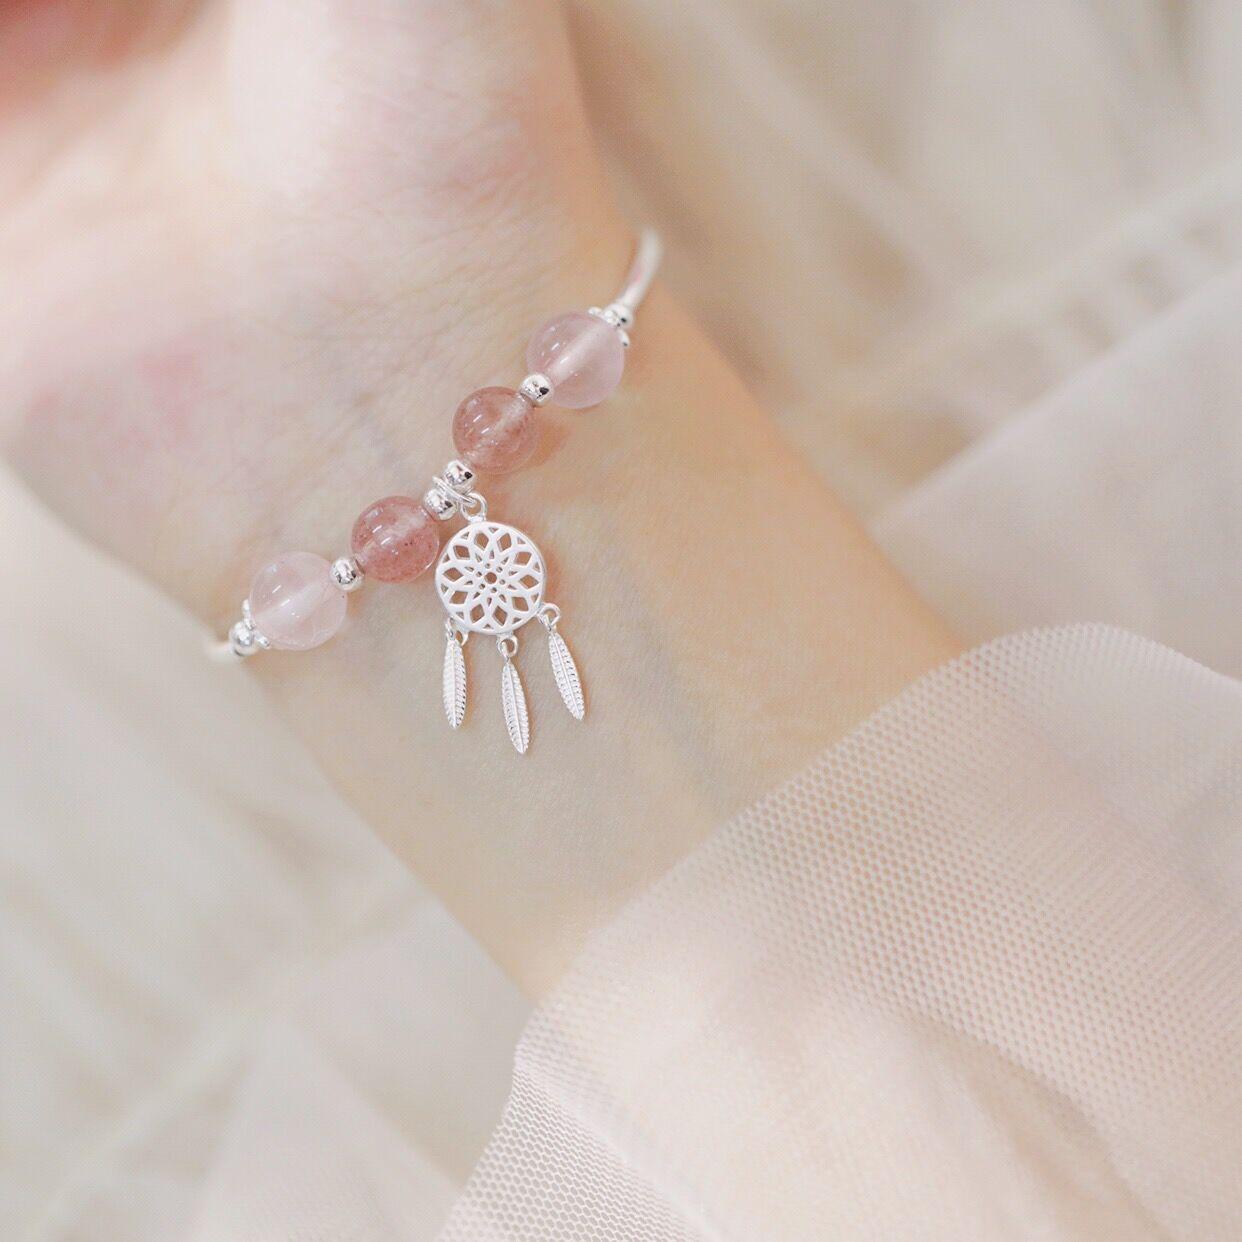 通體925銀草莓晶捕夢網手鏈甜美清新創意森林系學生手環韓版飾品